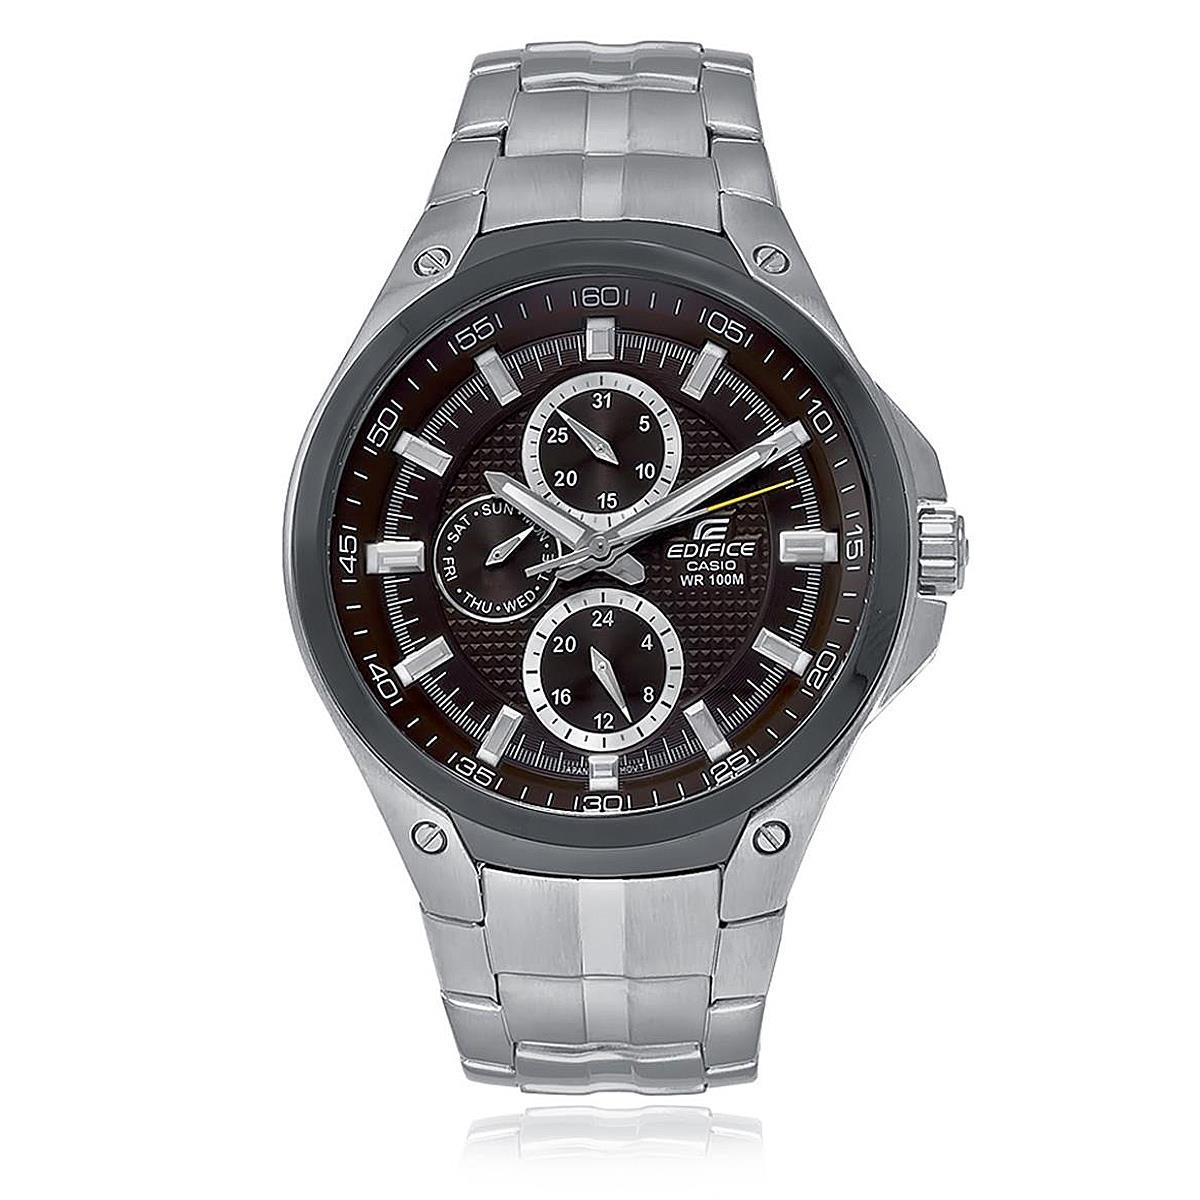 6d77e5be1f1 Relógio Masculino Casio Edifice Analógico EF-326SD-5AVUDF Fundo Marrom